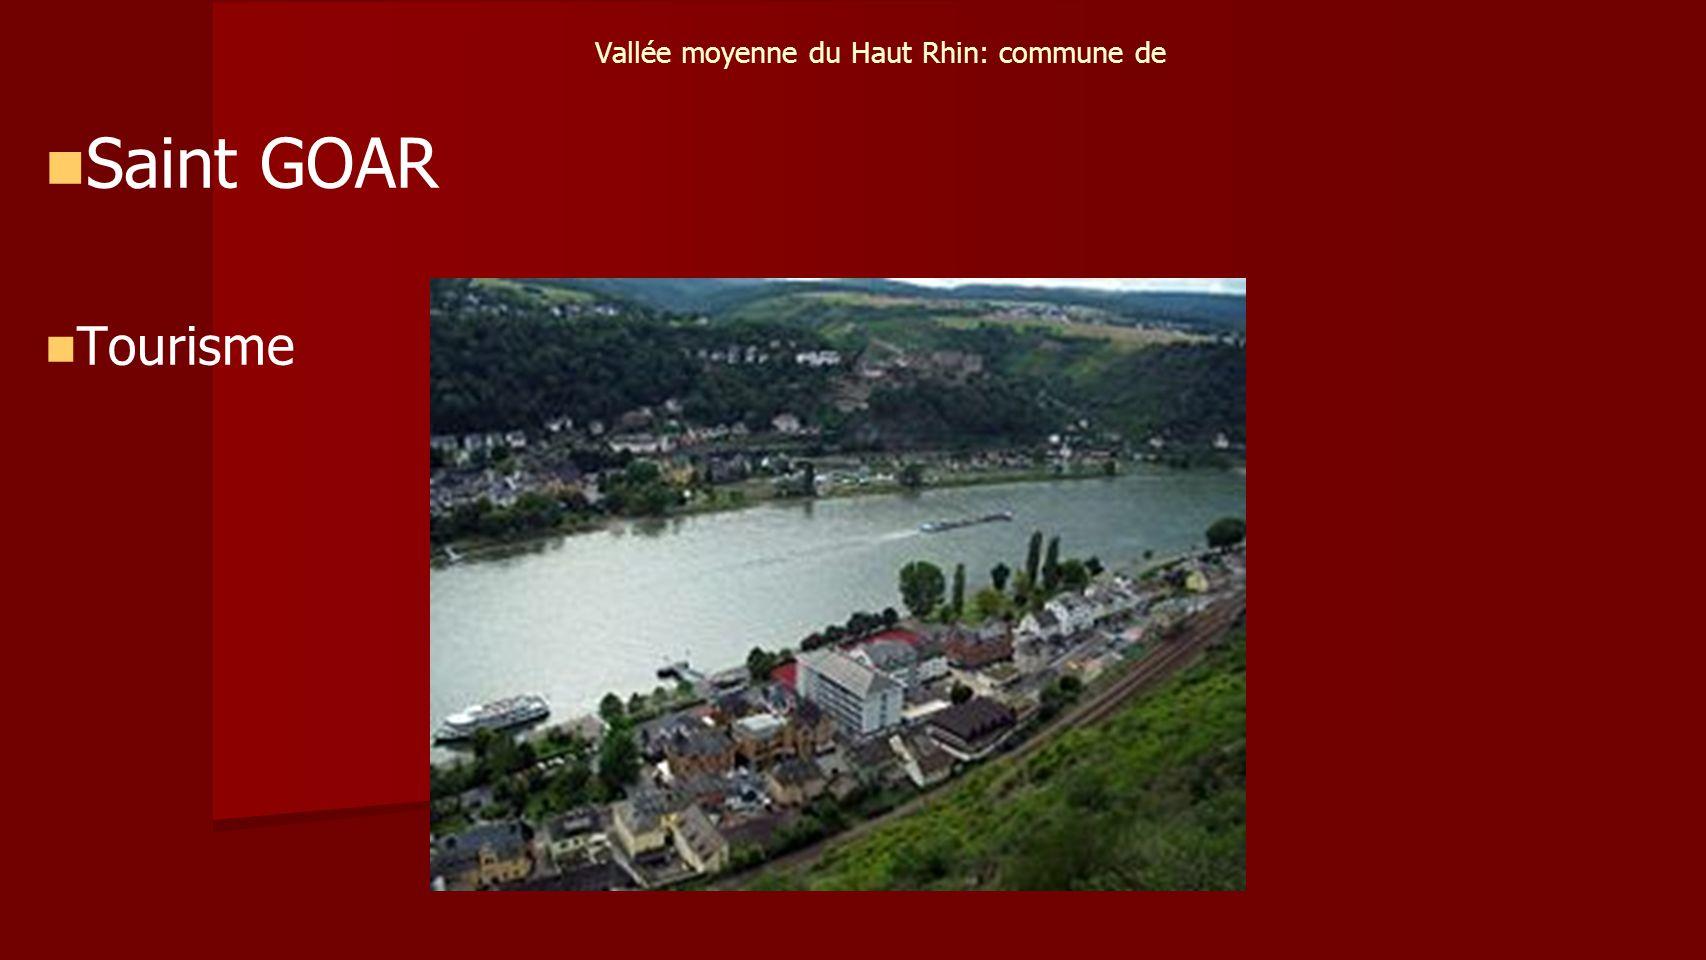 Vallée moyenne du Haut Rhin: commune de Saint GOAR Tourisme